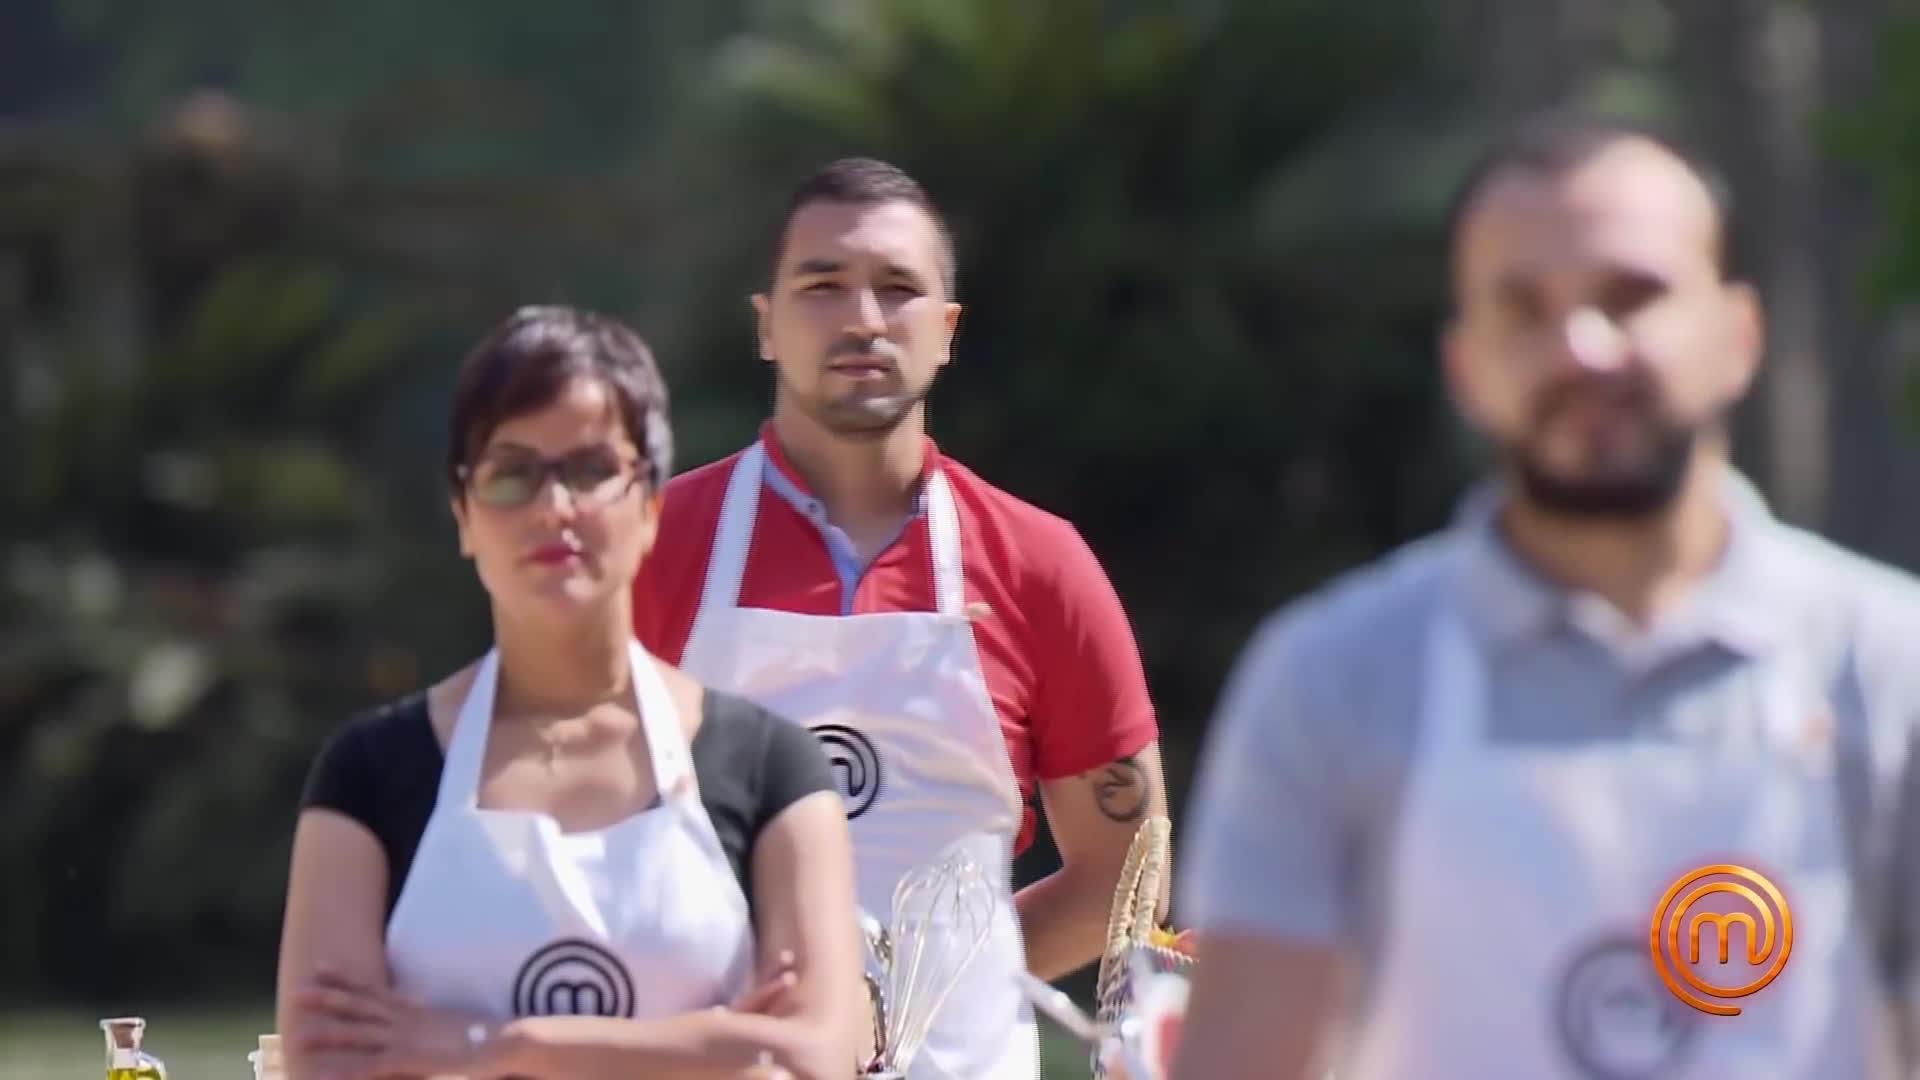 masterchef, masterchefalgérie, masterchefdz, MasterChef Algérie - épisode 1 GIFs